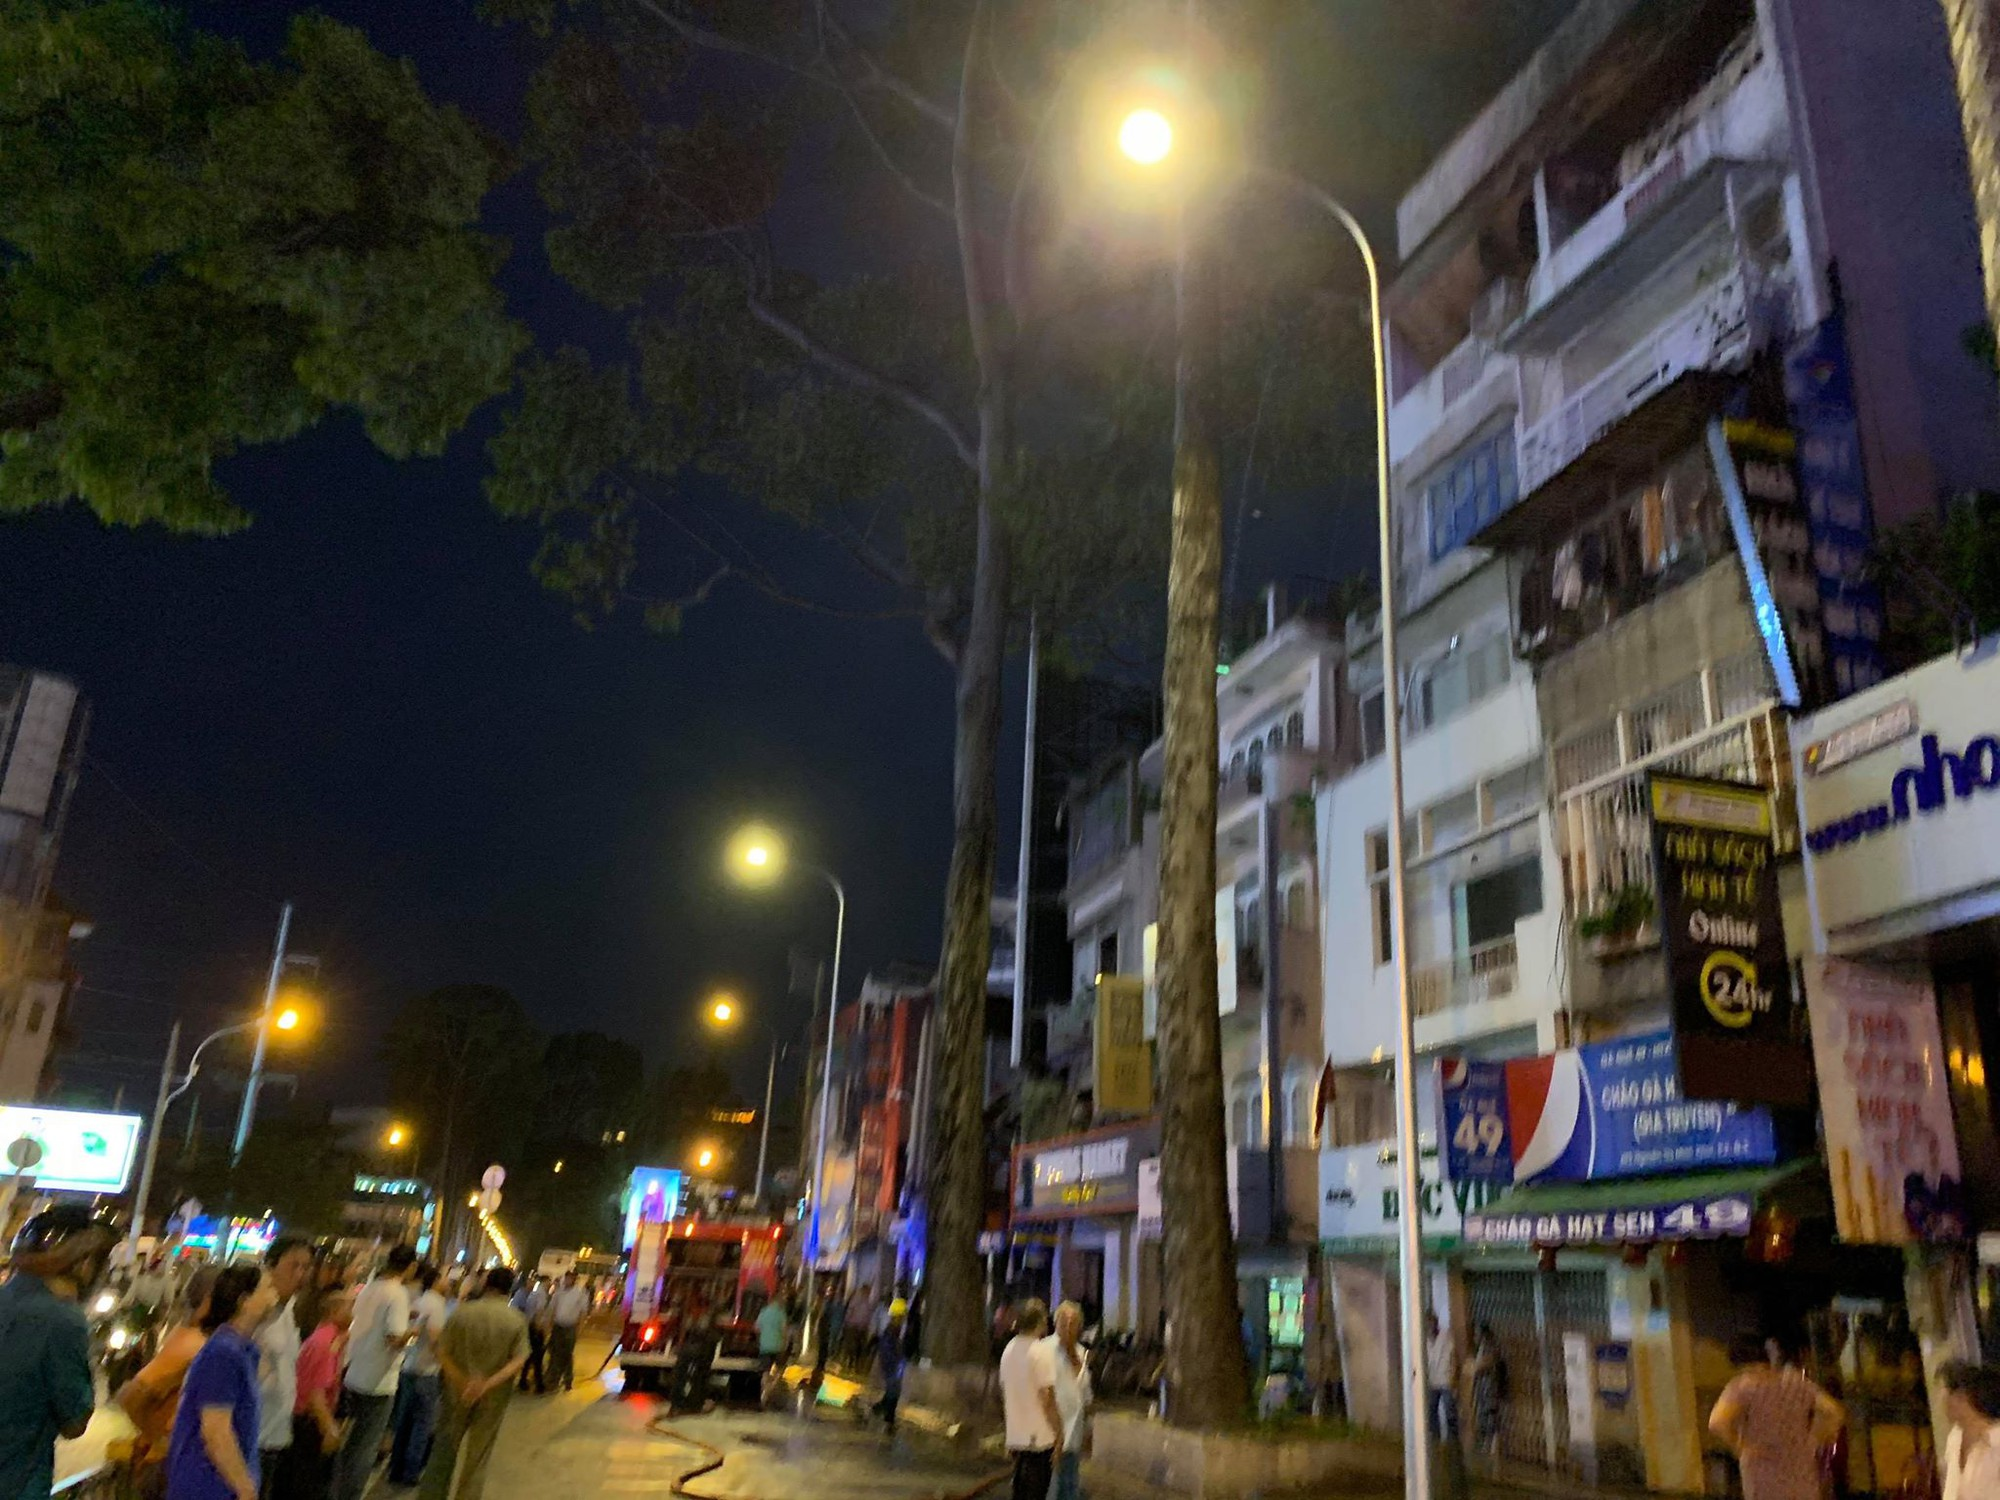 Cảnh sát PCCC giải cứu thành công 3 đứa trẻ trong căn nhà bốc cháy dữ dội ở Sài Gòn - Ảnh 1.